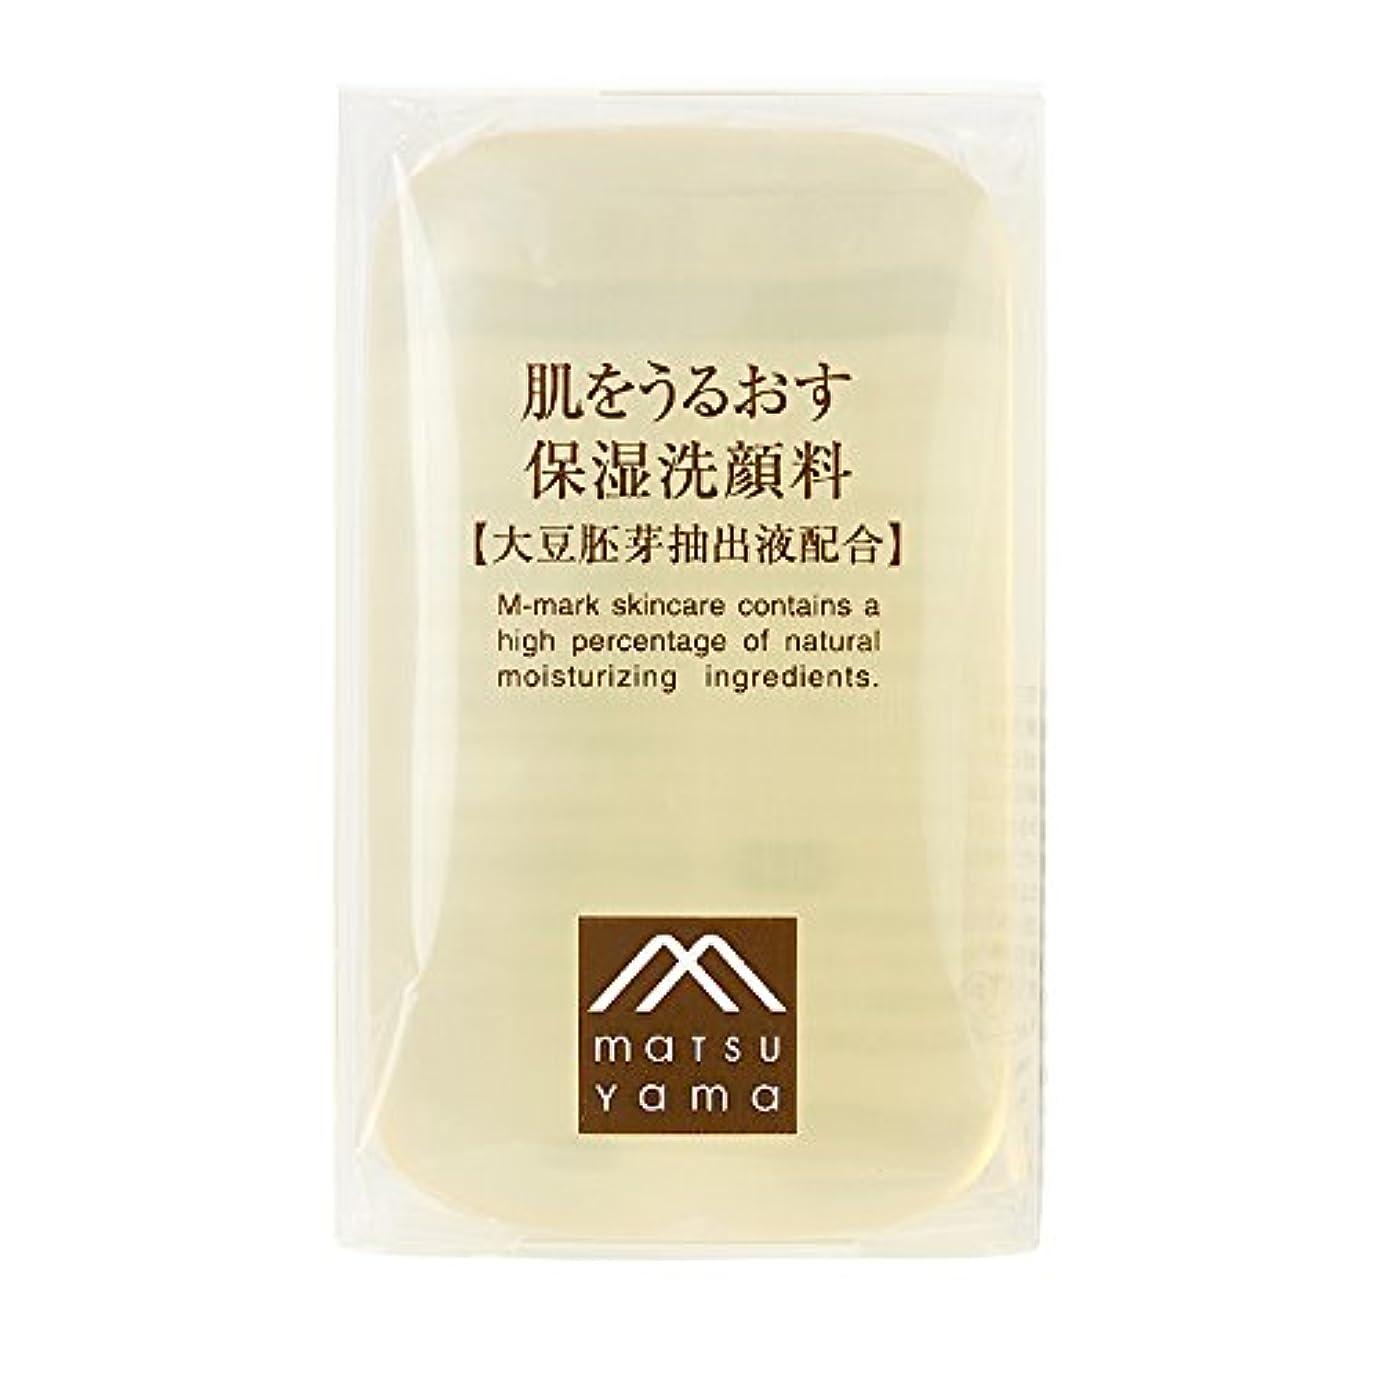 ホステスインテリア終わらせる肌をうるおす保湿洗顔料